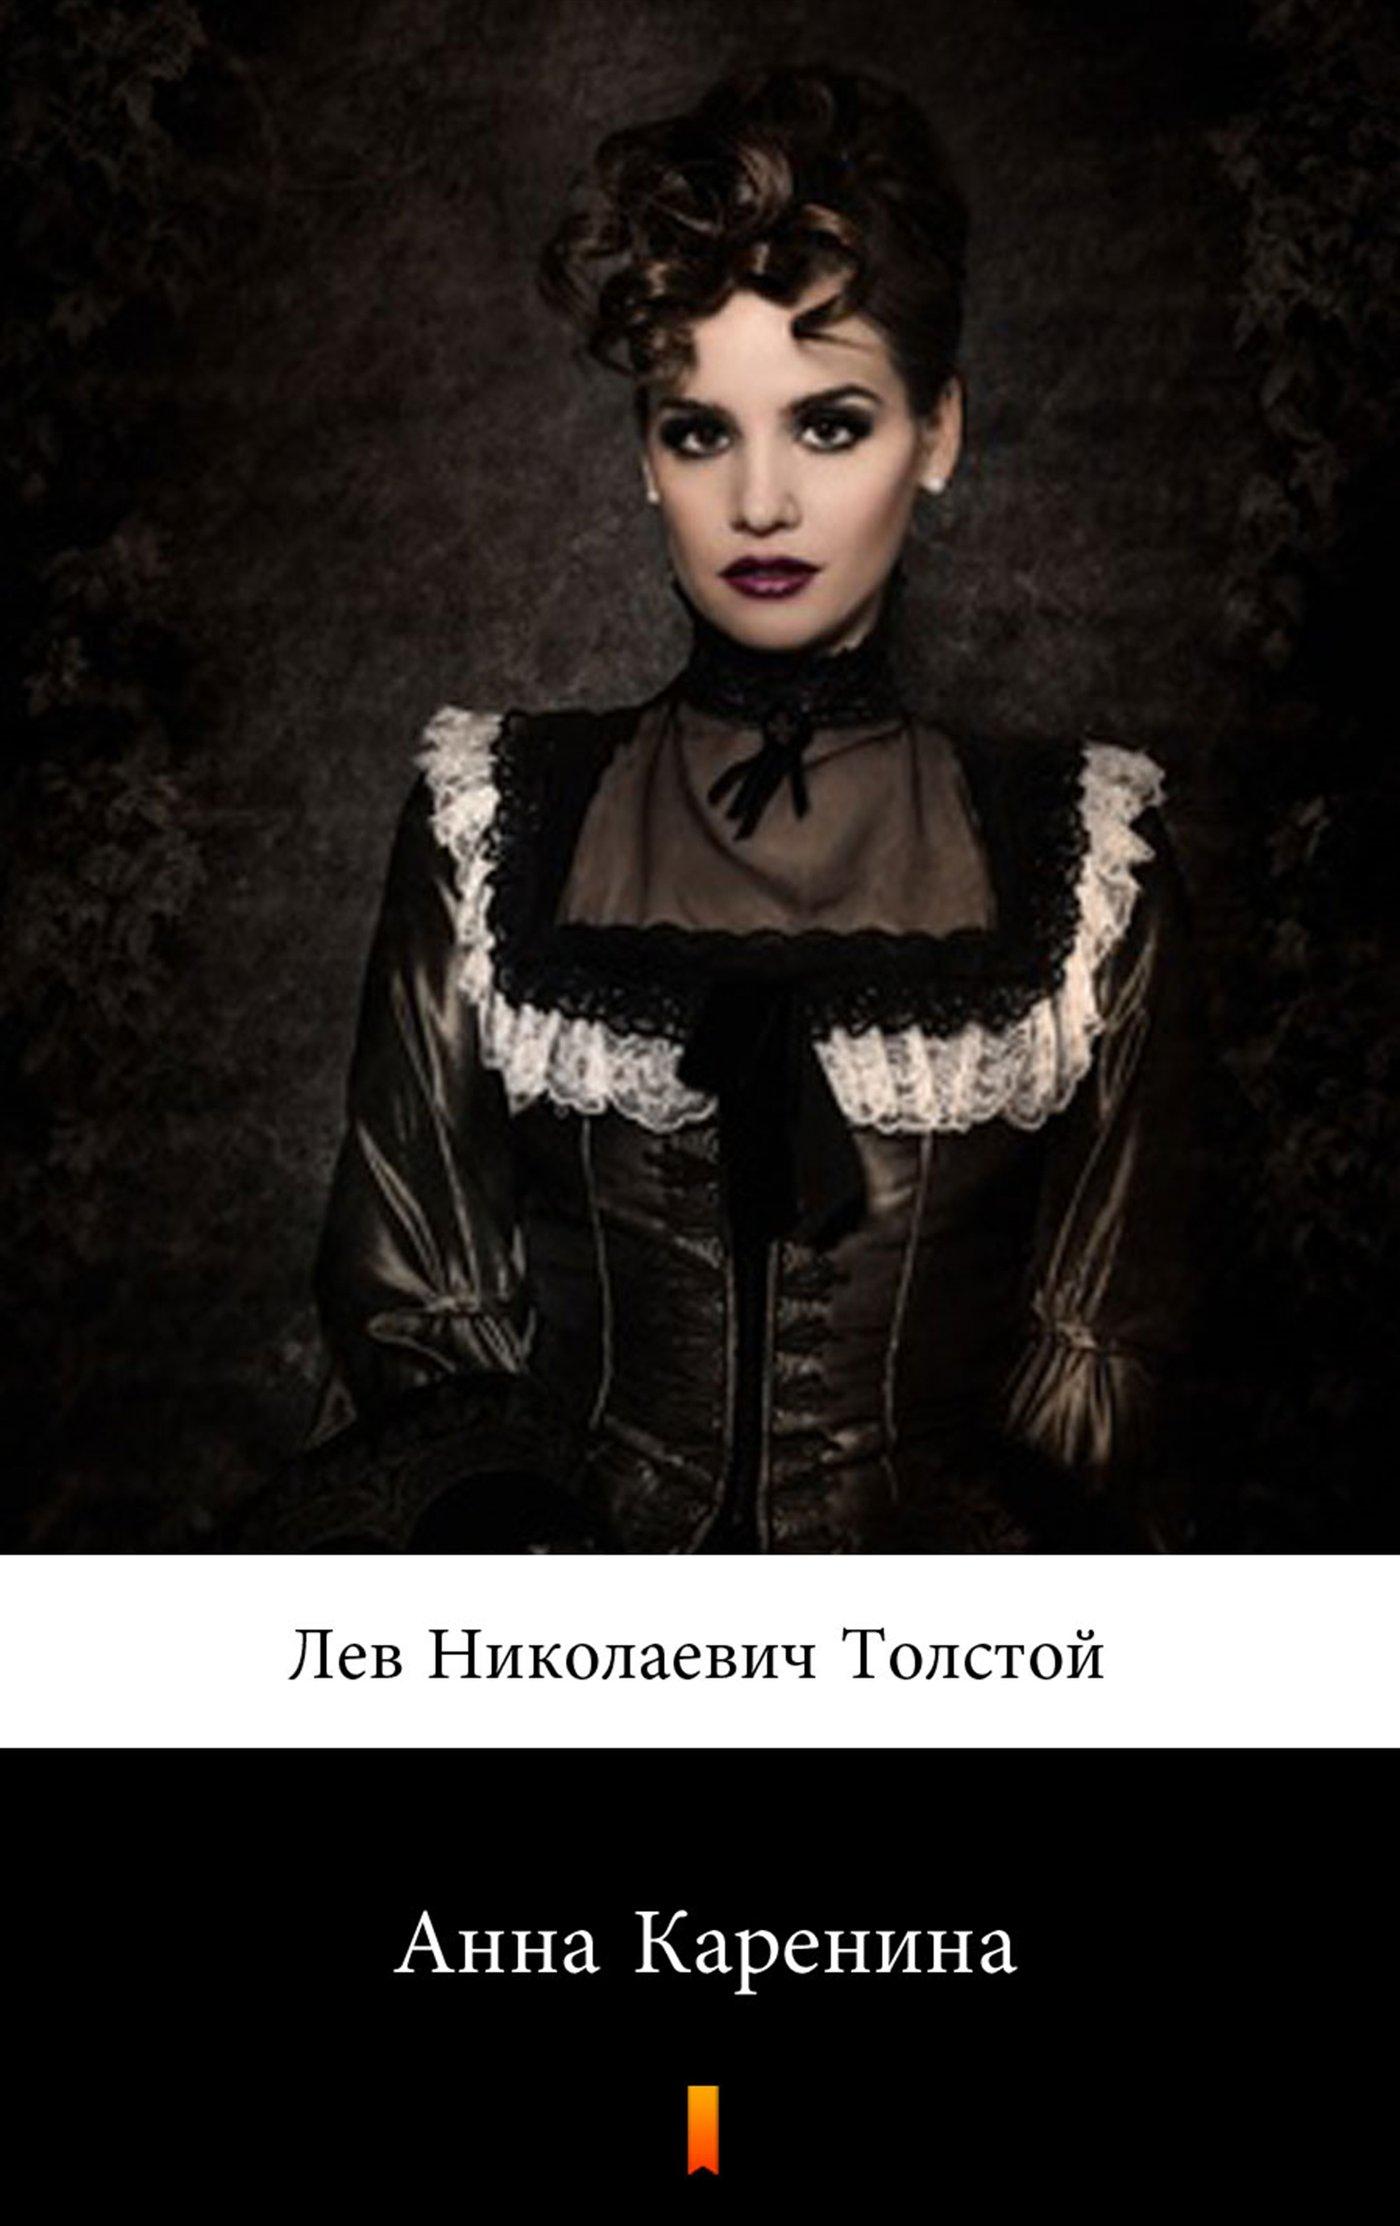 Анна Каренина - Ebook (Książka EPUB) do pobrania w formacie EPUB